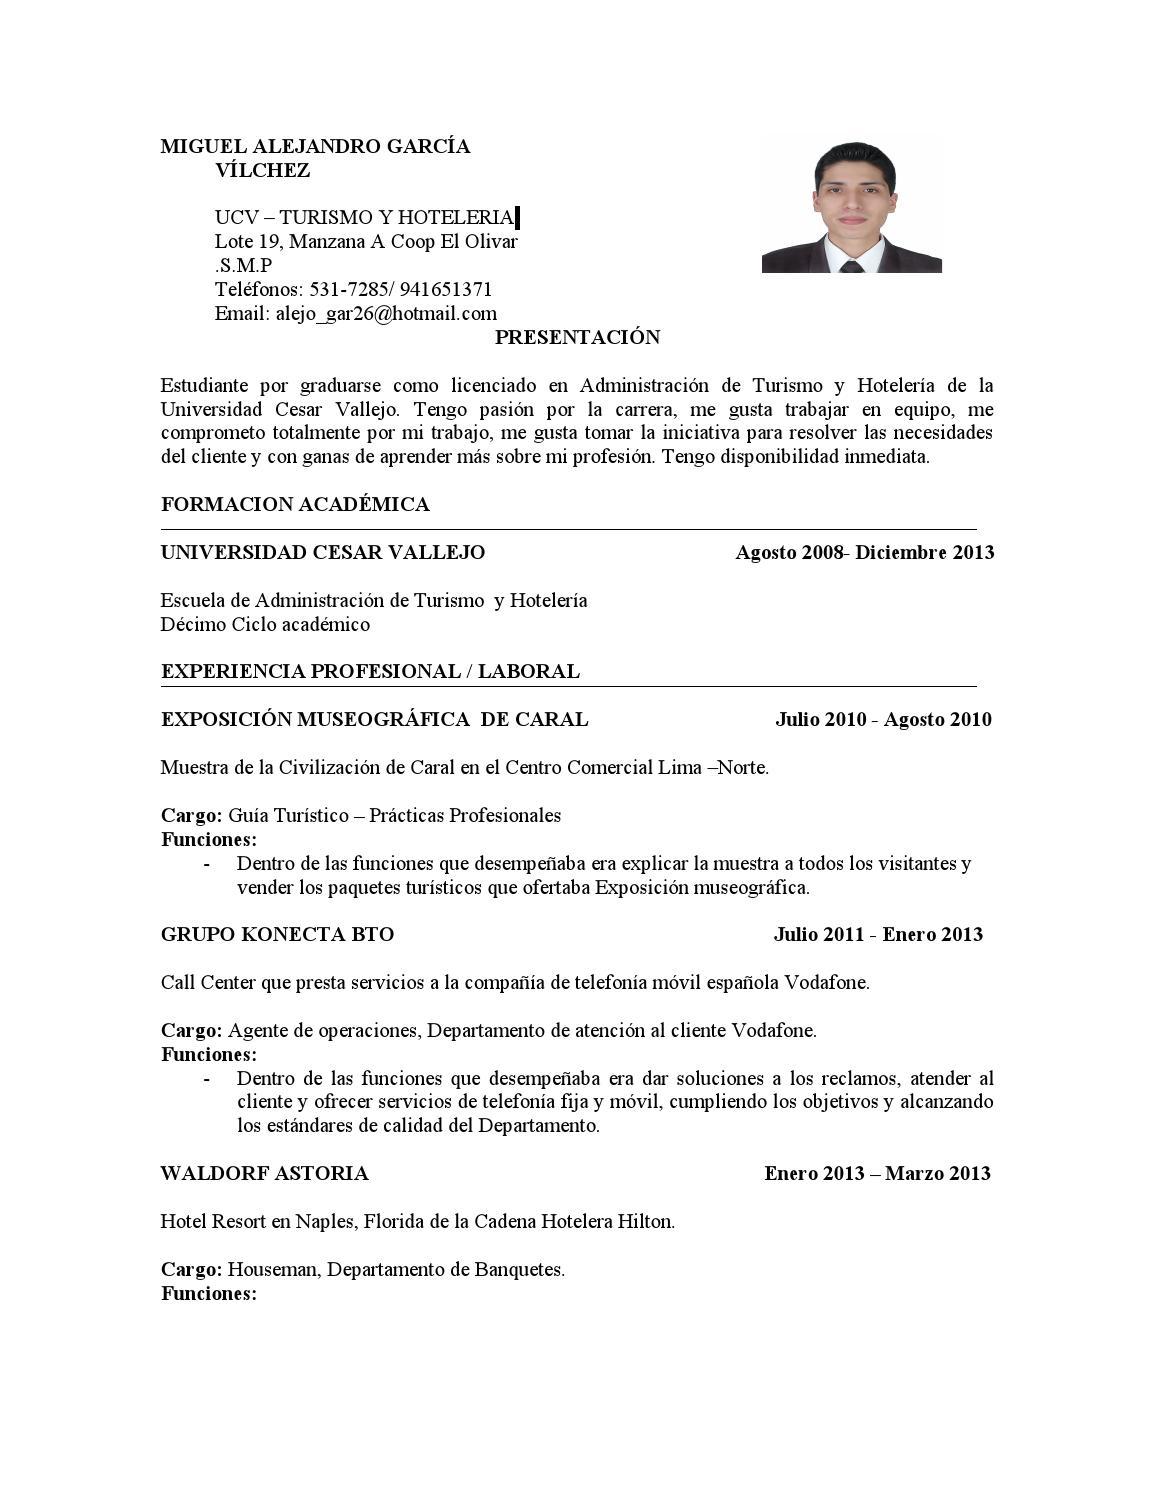 Miguel Garcia By Miguel Alejandro Garcia Vilchez Issuu